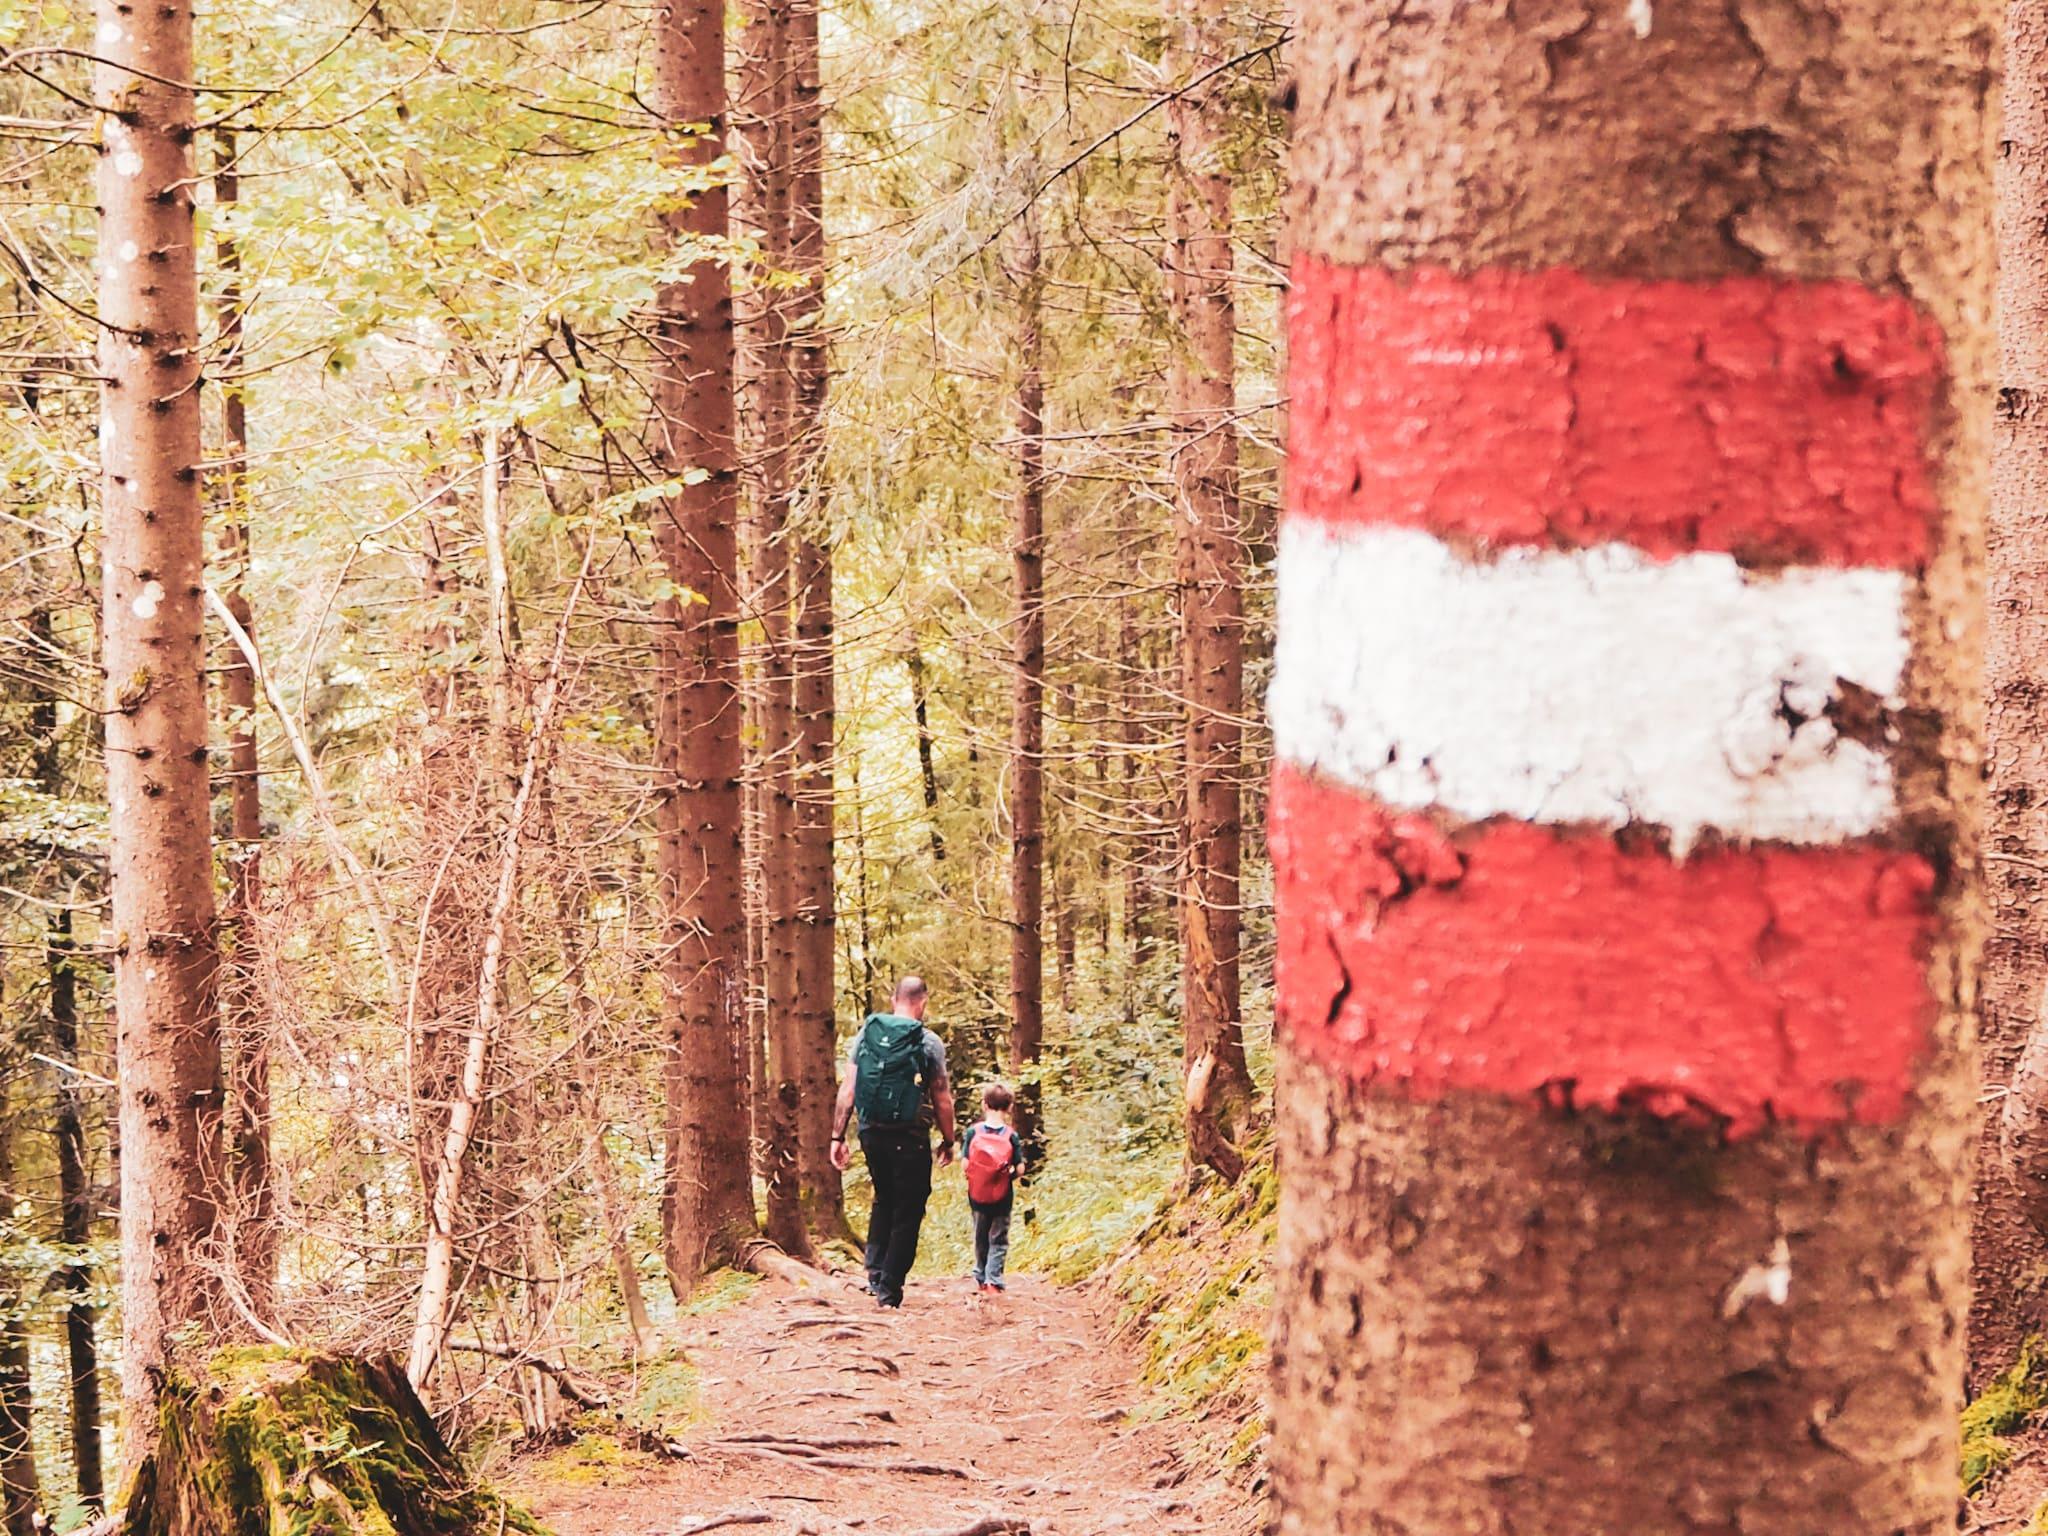 dichte Wälder